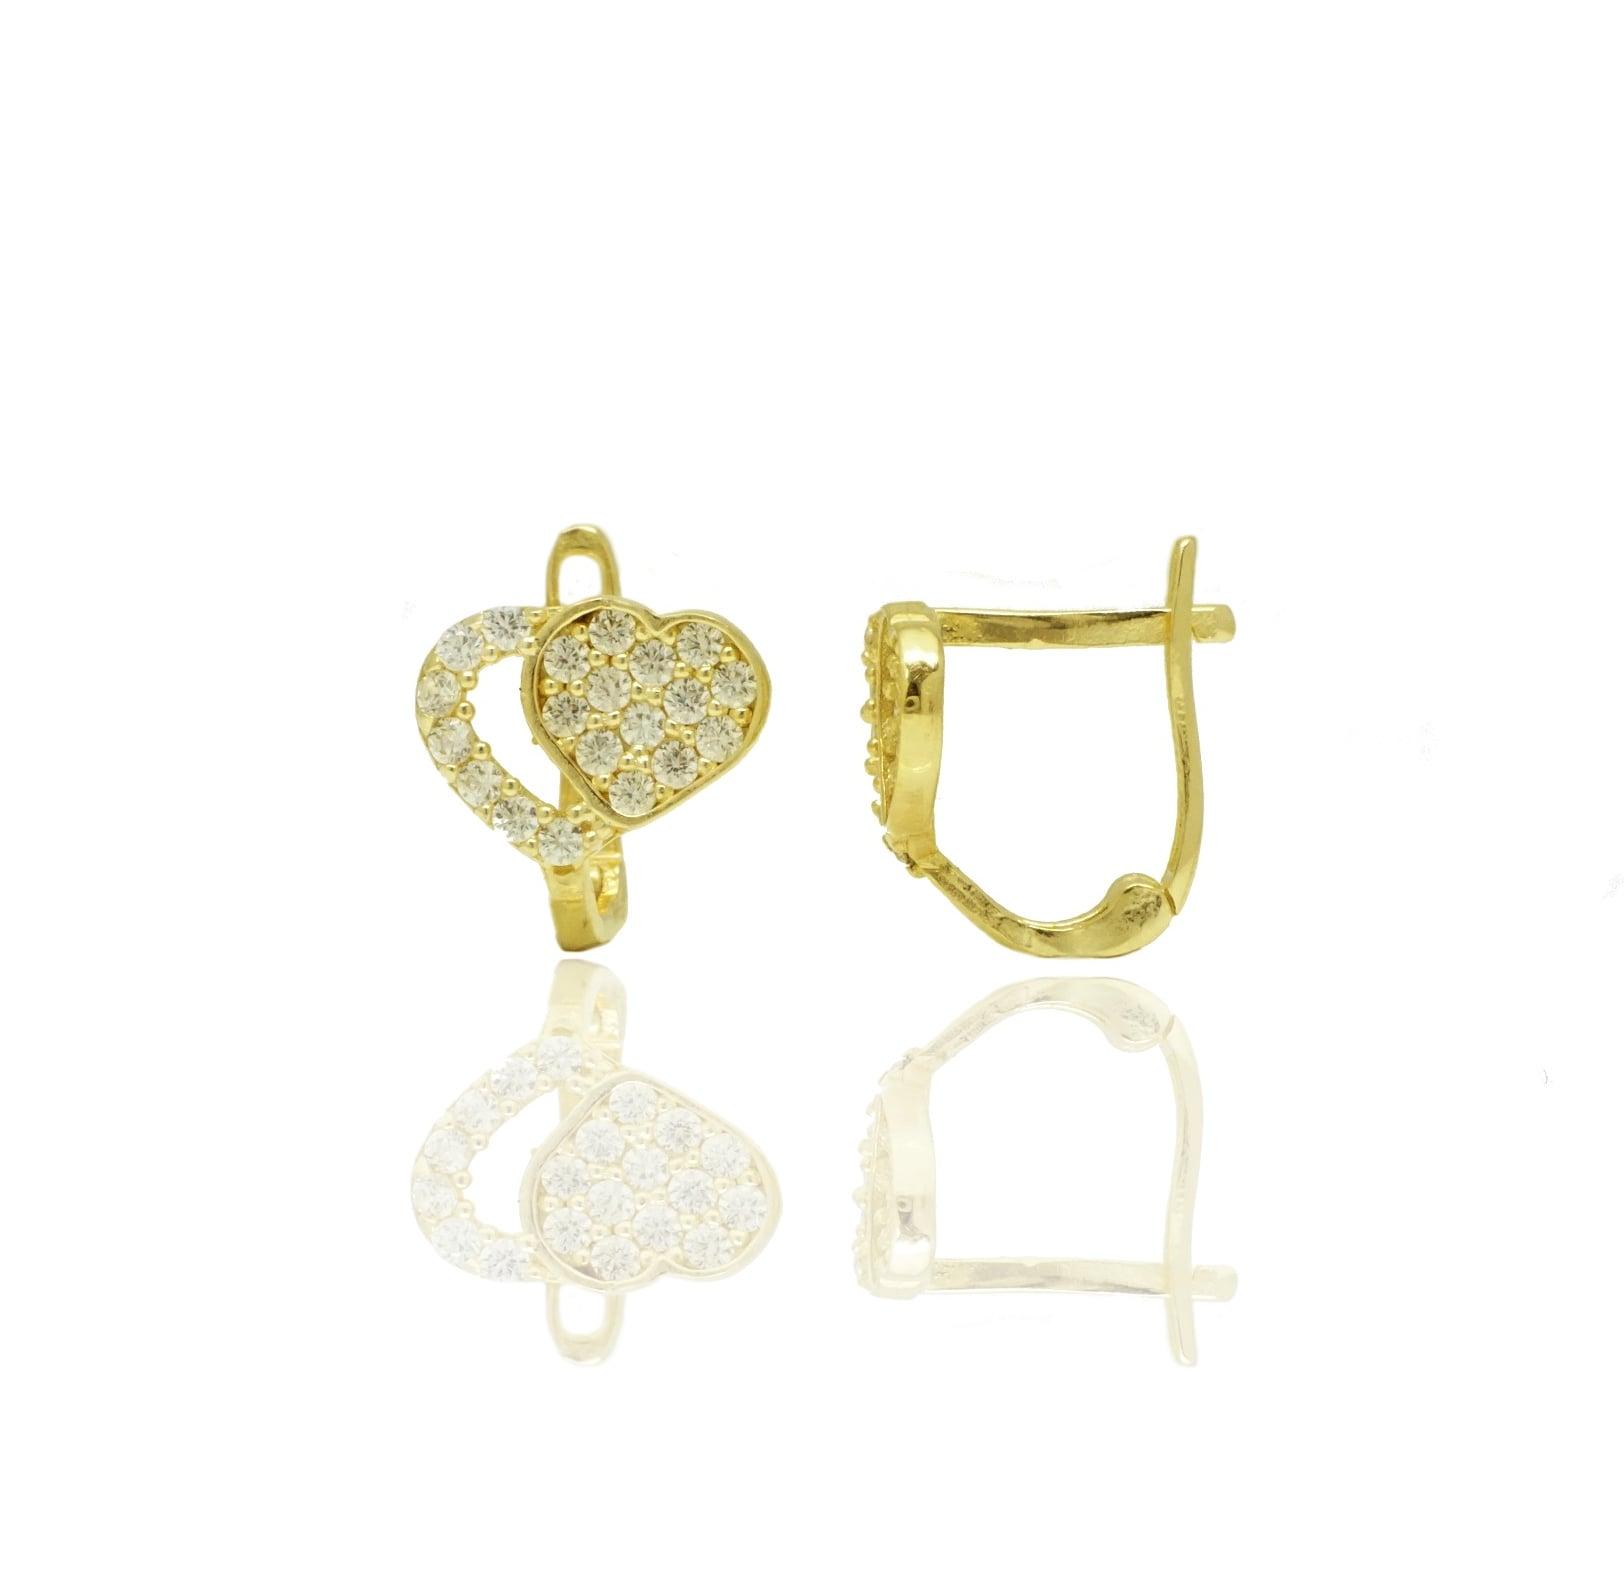 עגילי זהב לבבות נתלים משובצים זרקונים בזהב 14 קאראט